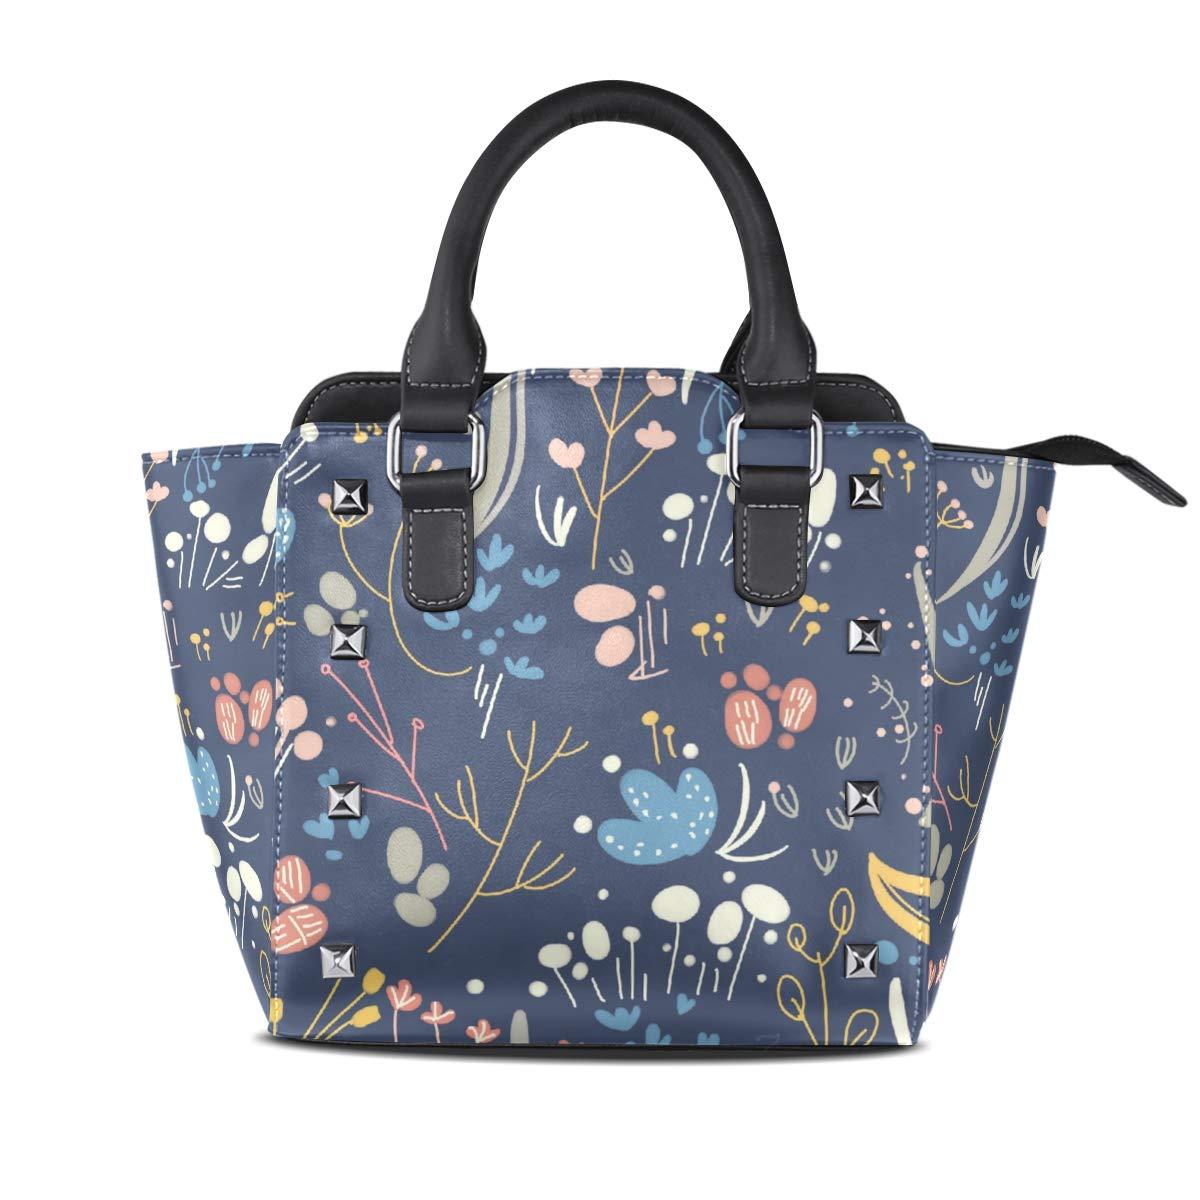 Design4 Handbag colorful Dream Catcher Genuine Leather Tote Rivet Bag Shoulder Strap Top Handle Women